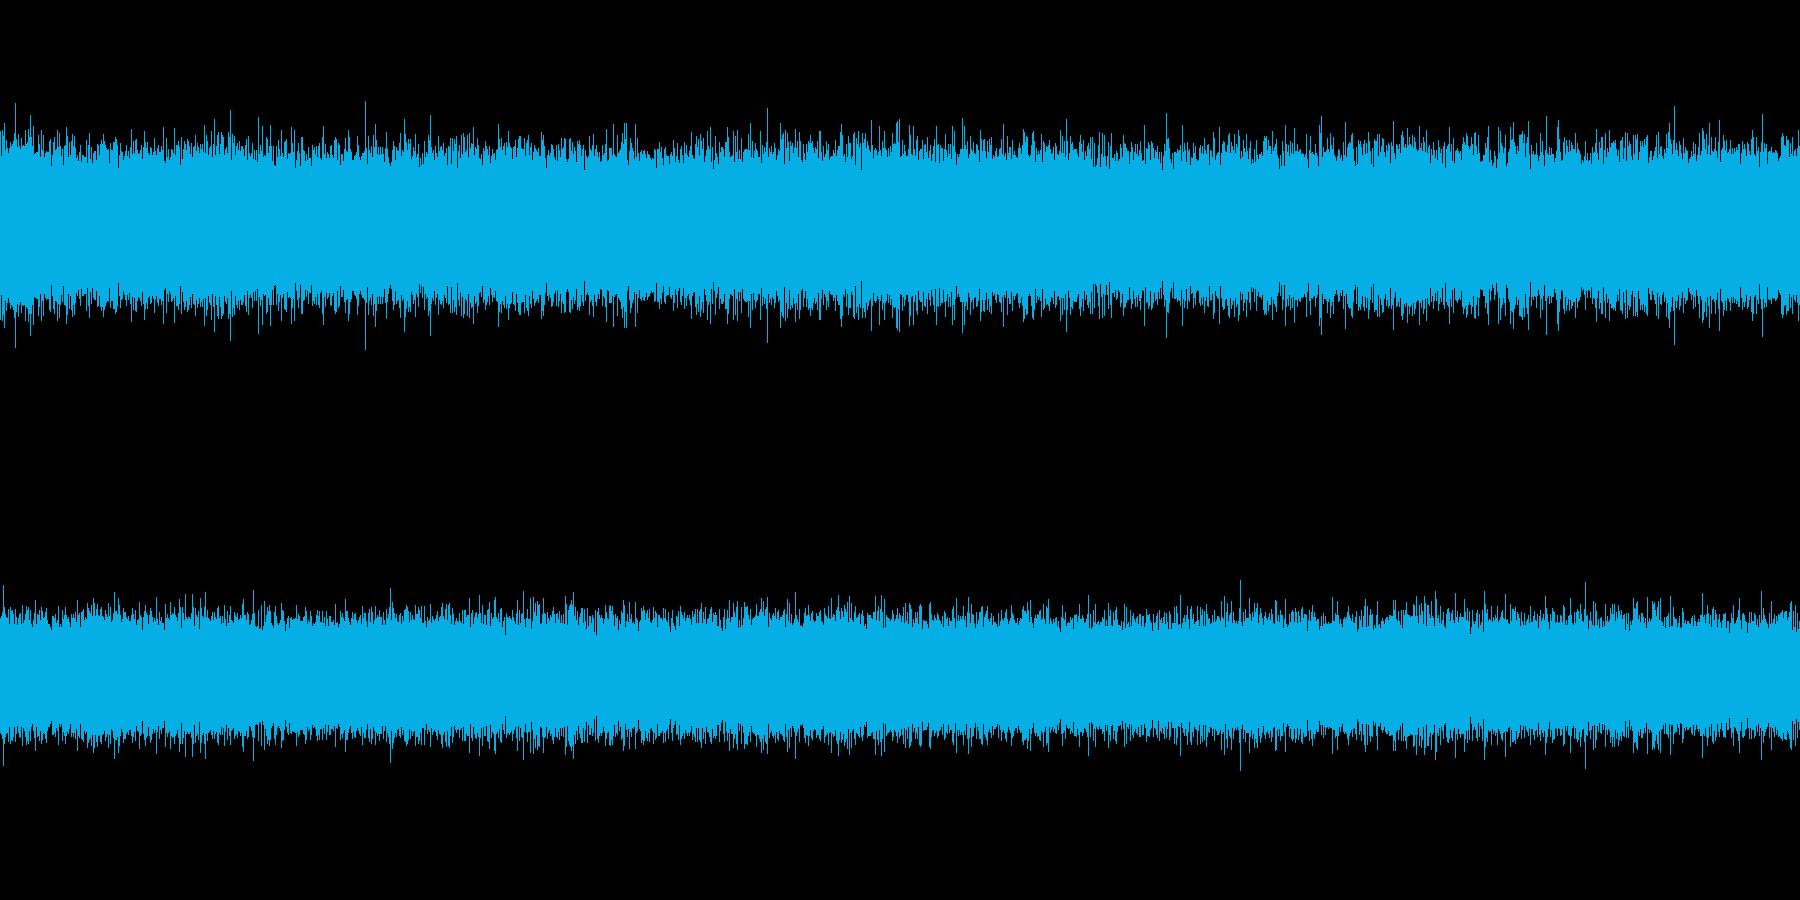 【自然音】セミの鳴き声(ループ可)の再生済みの波形